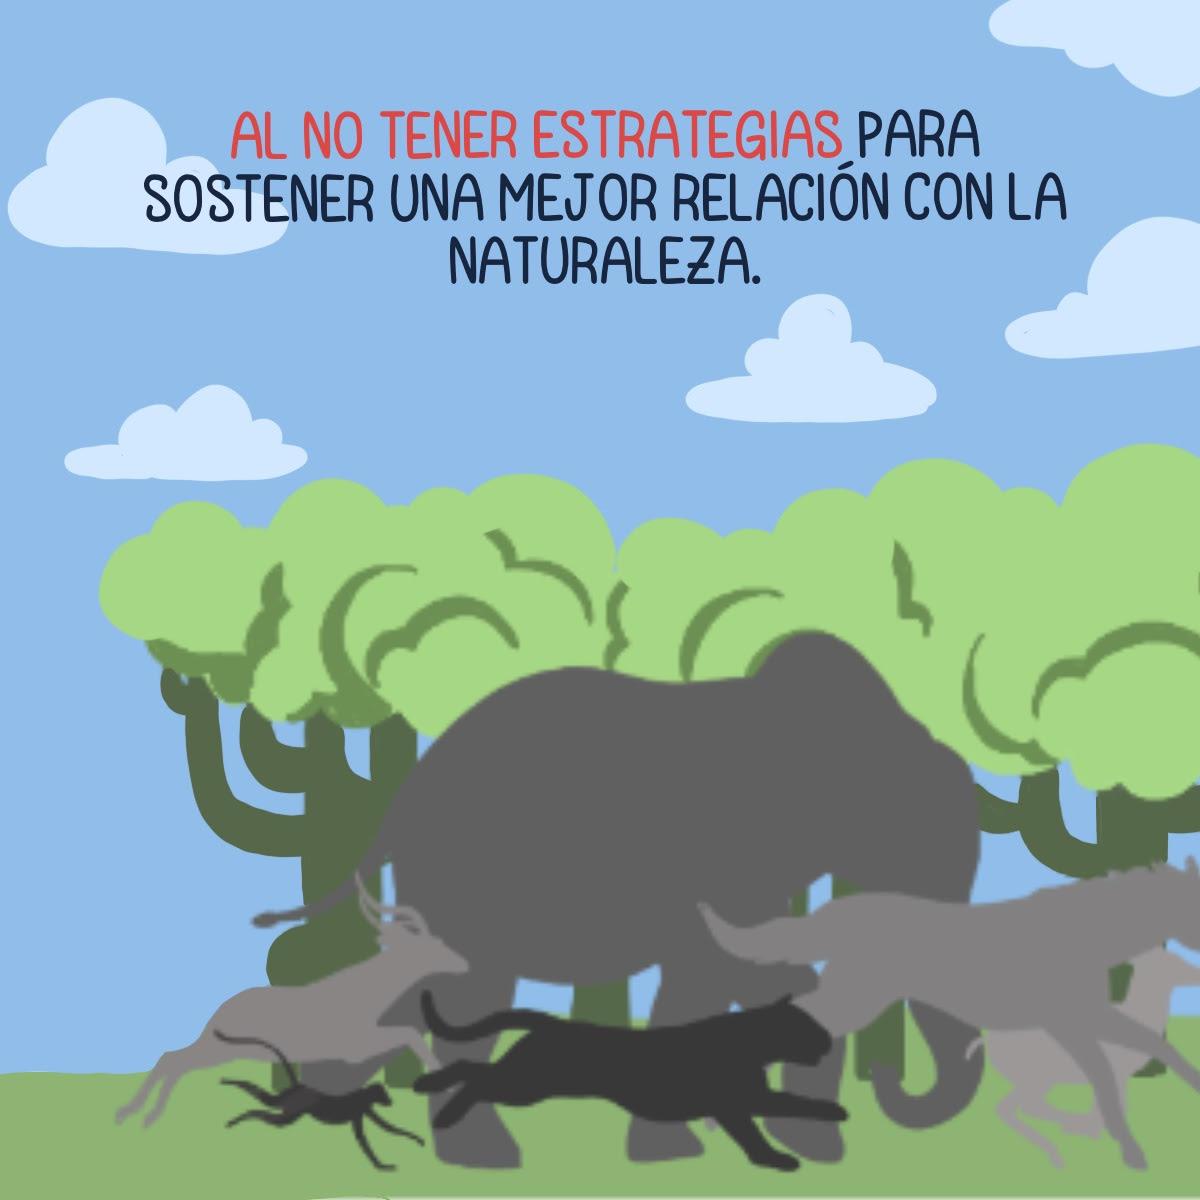 Cómic sobre murciélagos. Beneficios a los ecosistemas y amenazas a la especie. Crédito: Kipu Visual